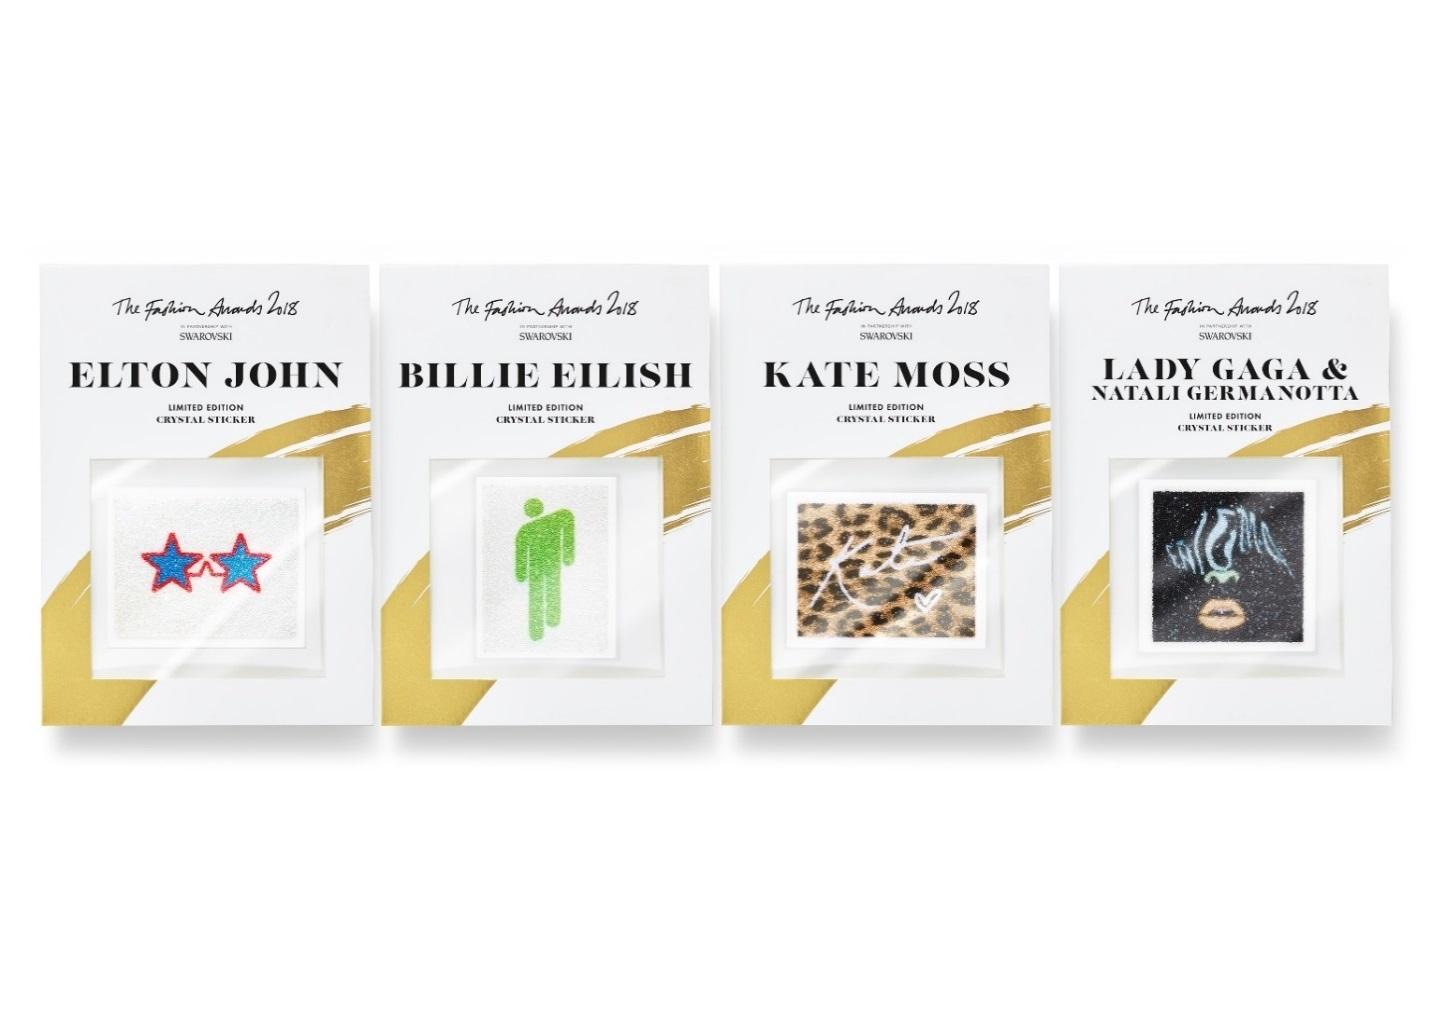 Η Swarovski λανσάρει την περιορισμένη έκδοση Crystal Stickers προς τιμή του fashion awards 2018